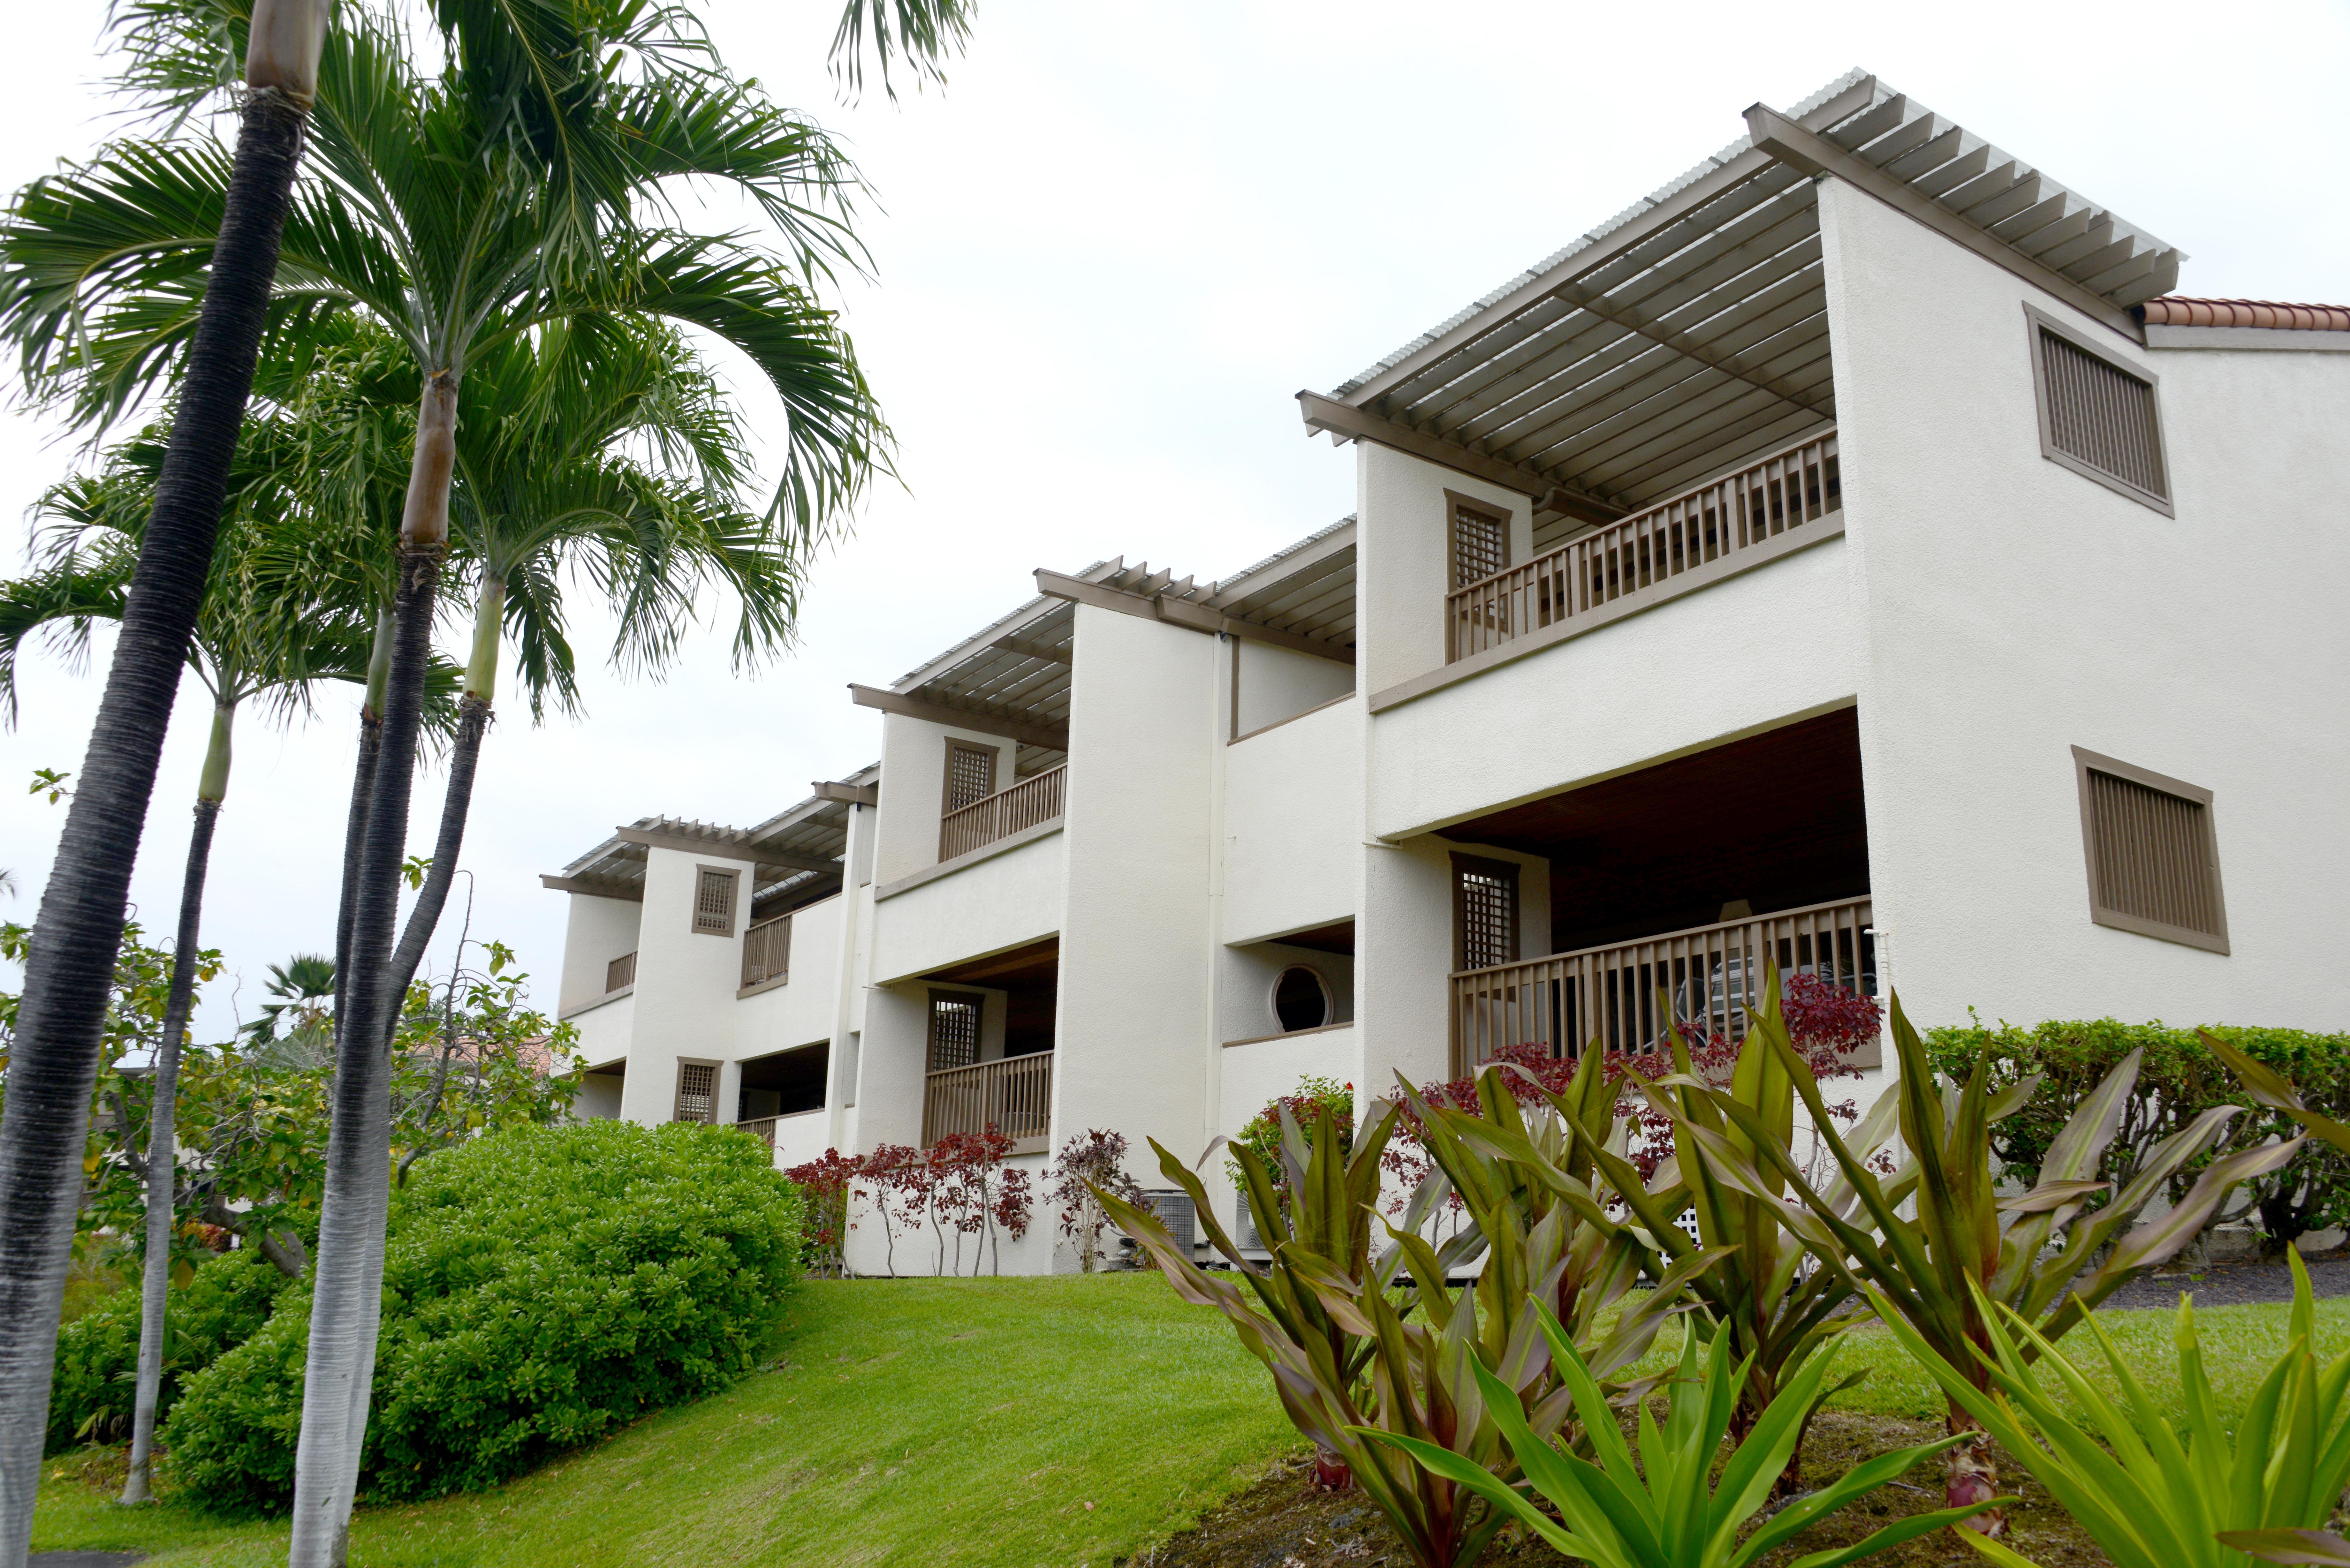 Kona Coast Resort timeshare resales